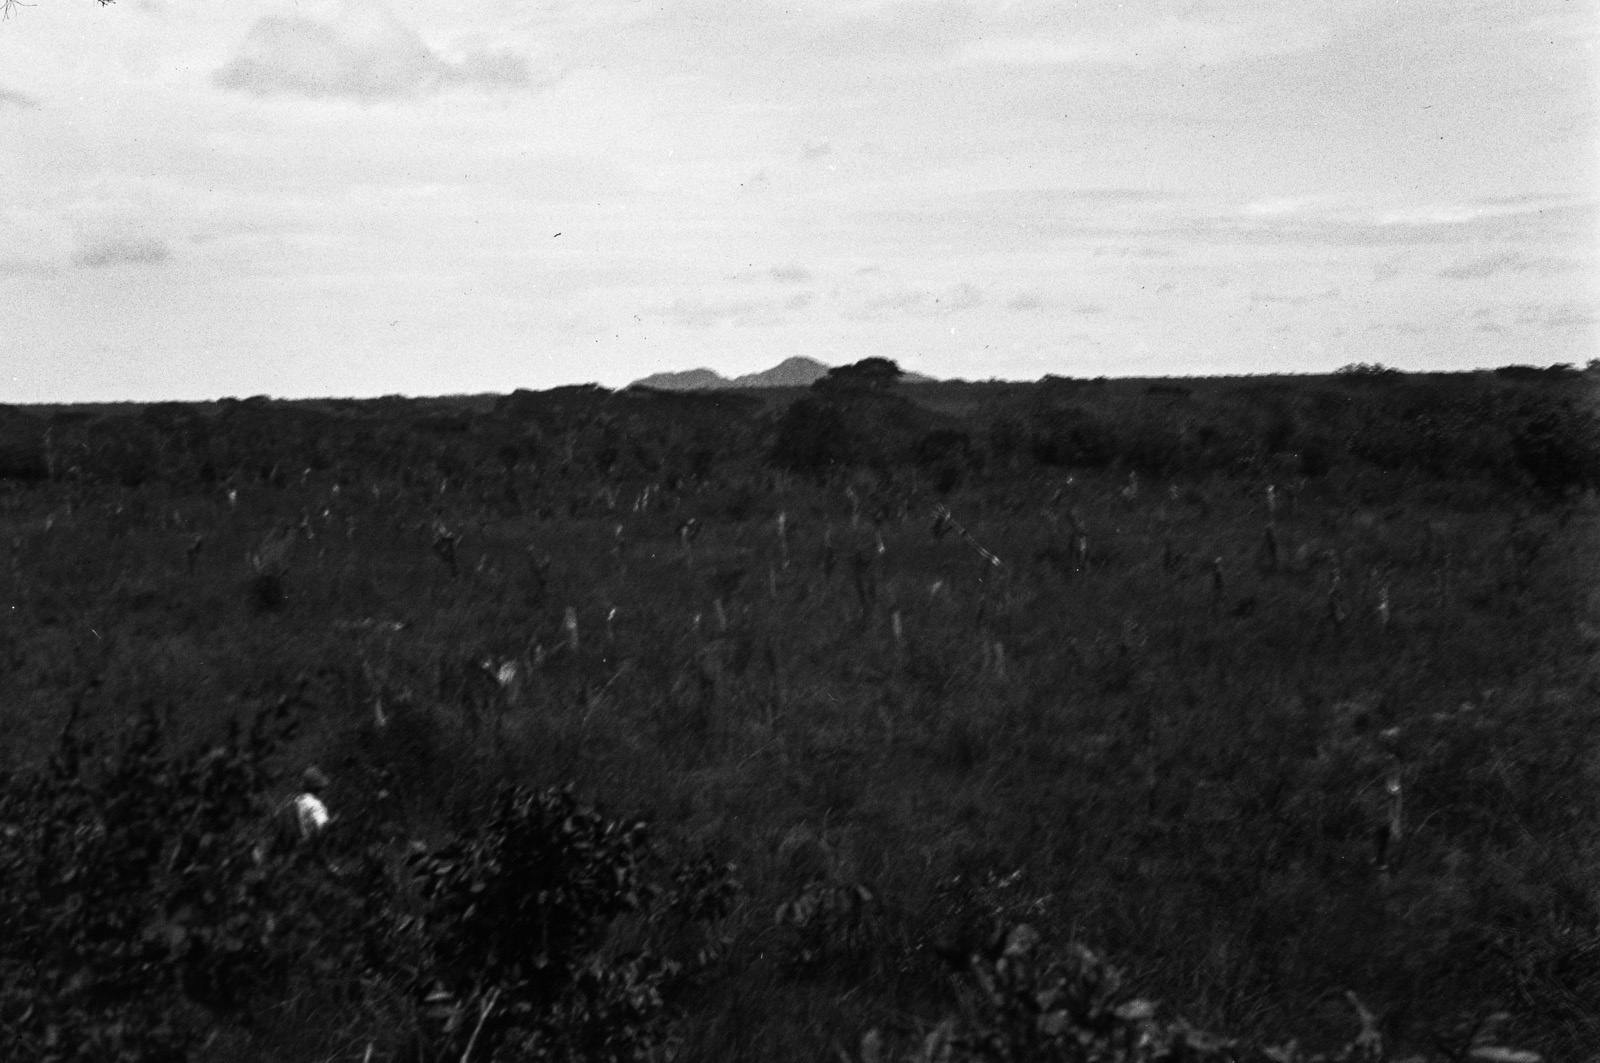 Между Капири Мпоши и рекой Лунсемфва. Заброшенное очищенное поле